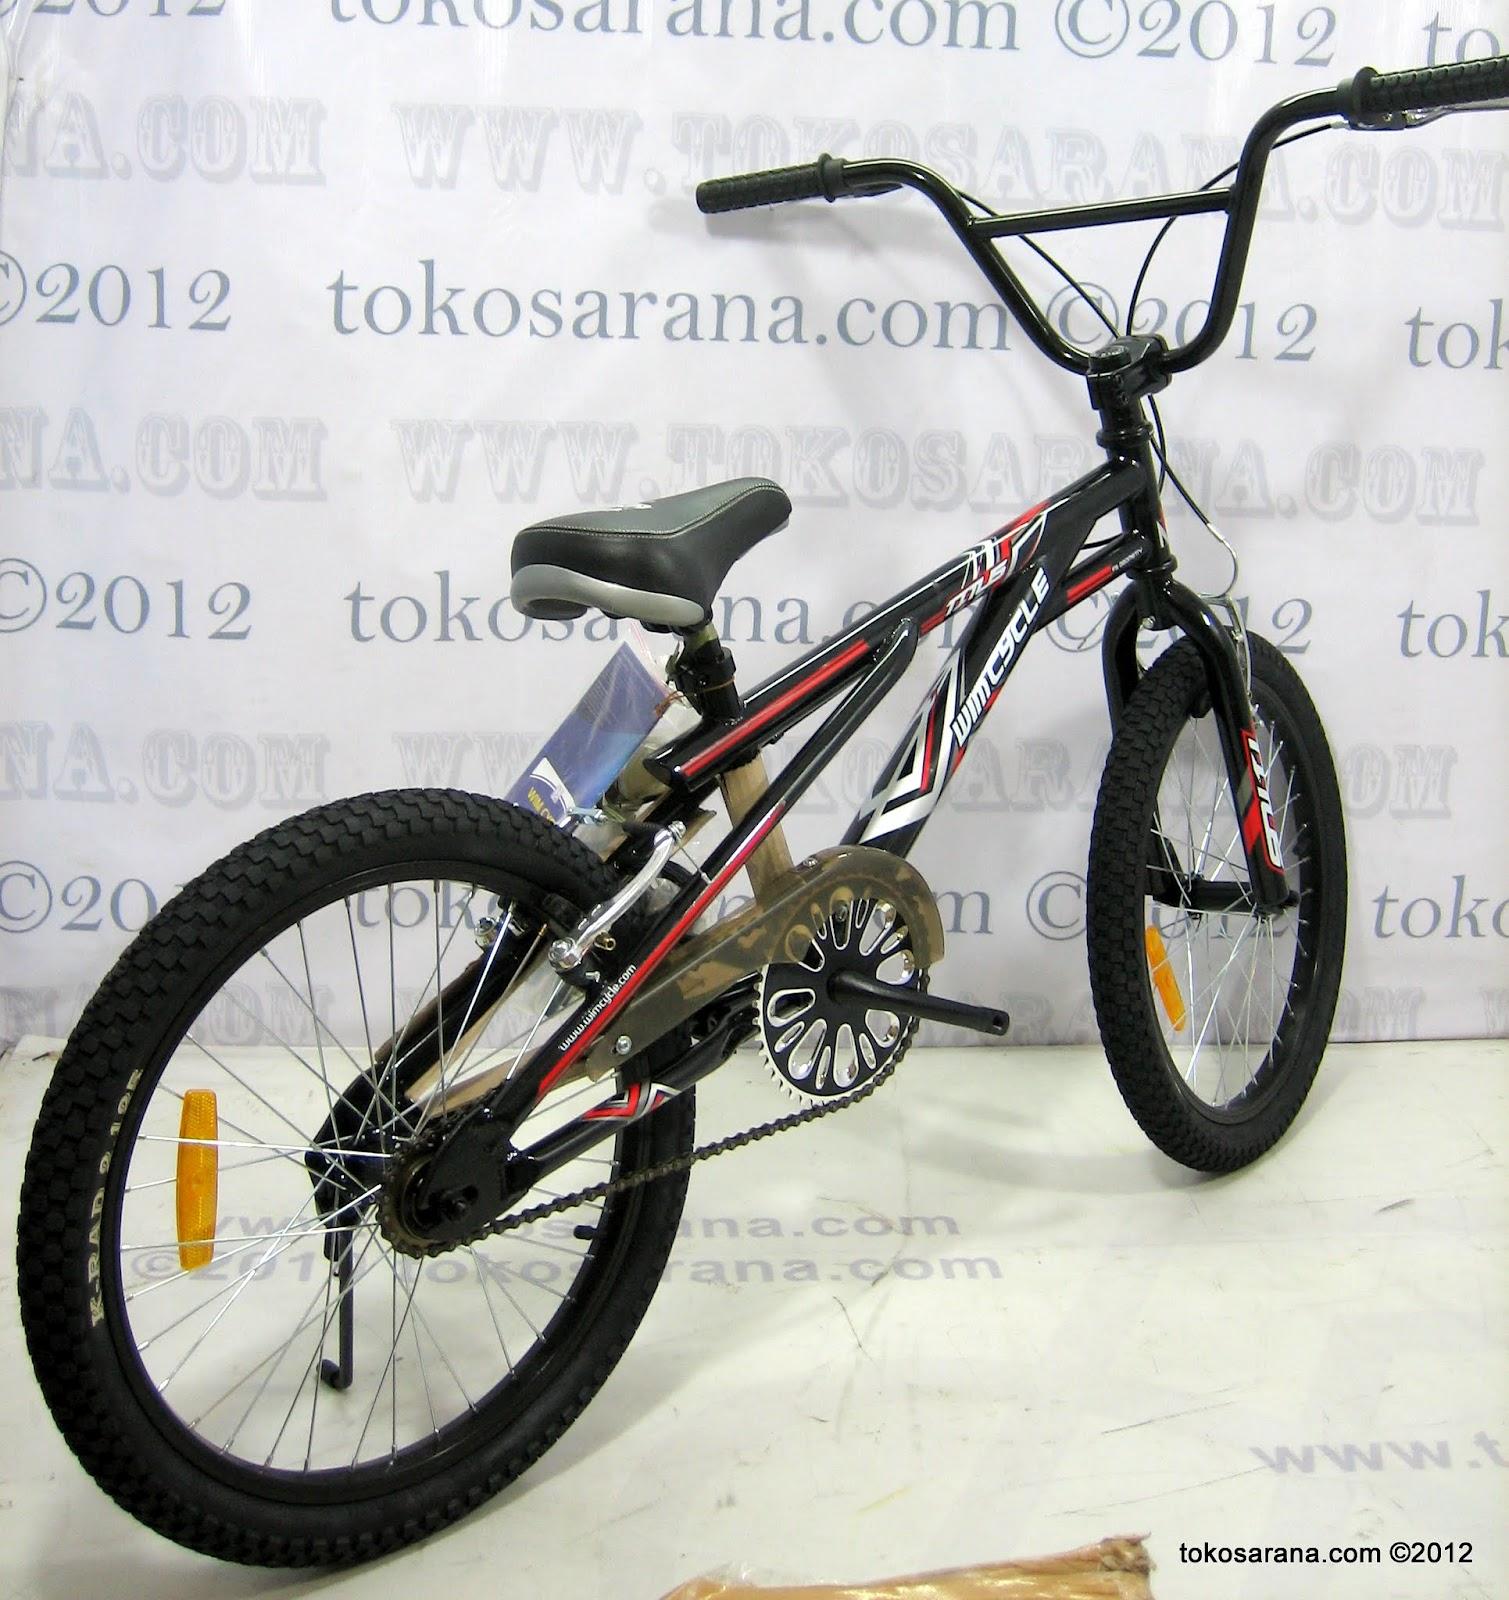 tokosarana™ Mahasarana Sukses™ Sepeda BMX Wimcycle